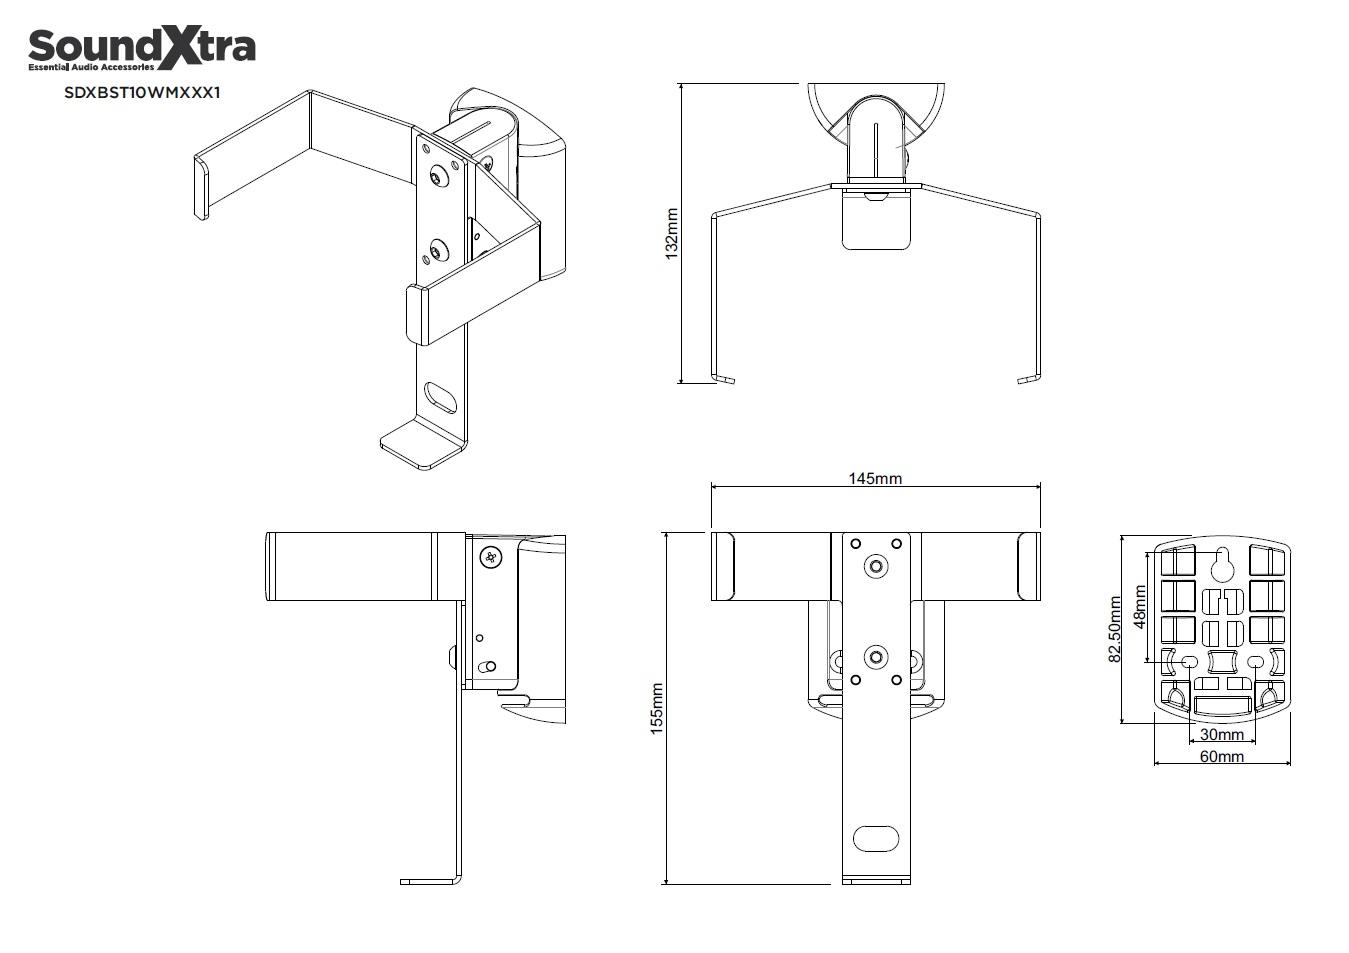 Wandhalter für Bose SoundTouch 10 weiß